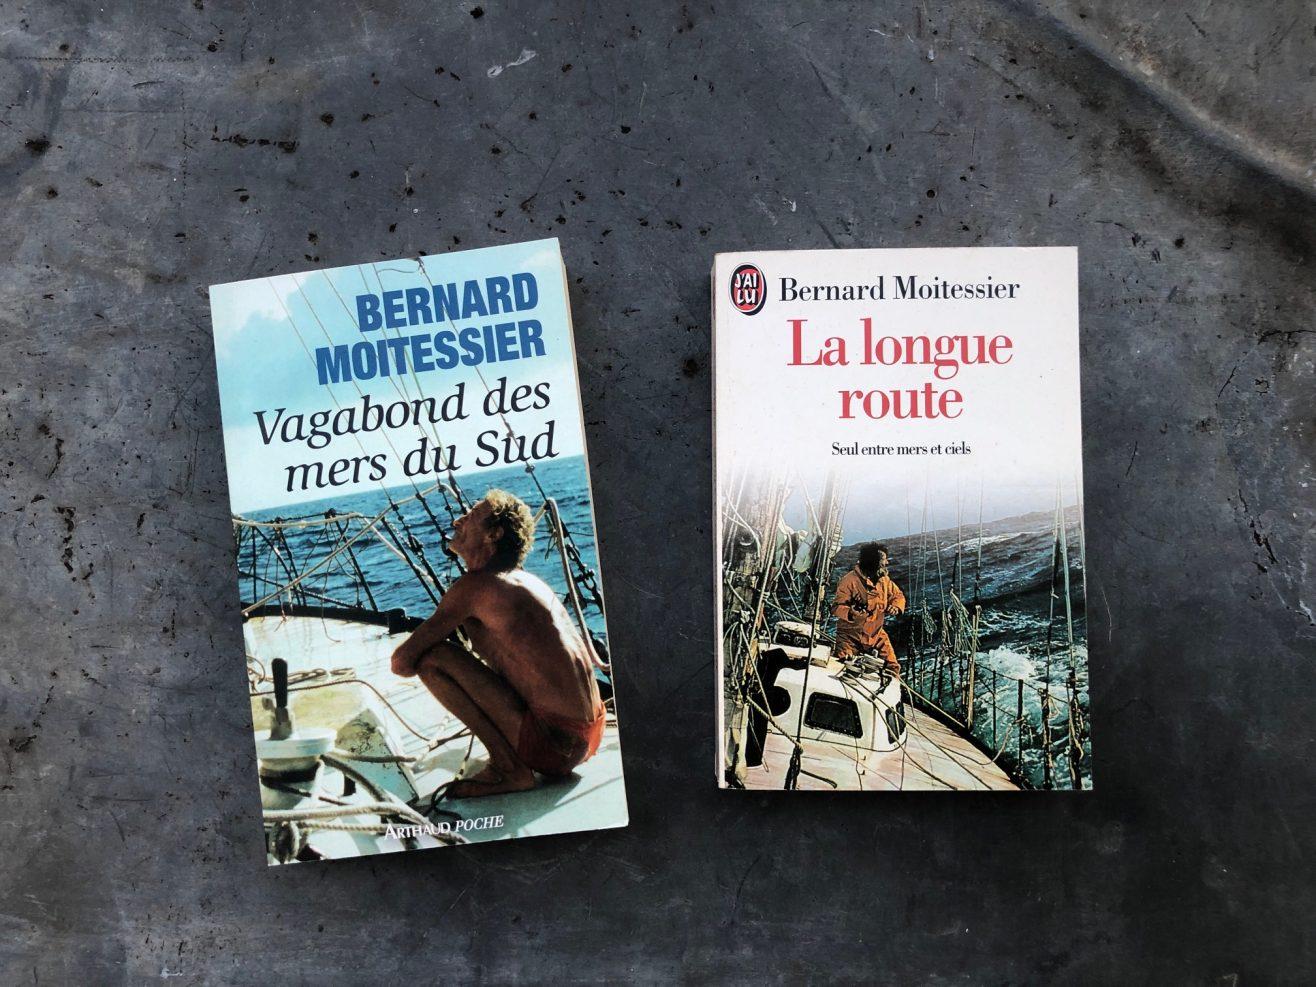 Deux des meilleurs livres sur le voyage signés par Bernard Moitessier